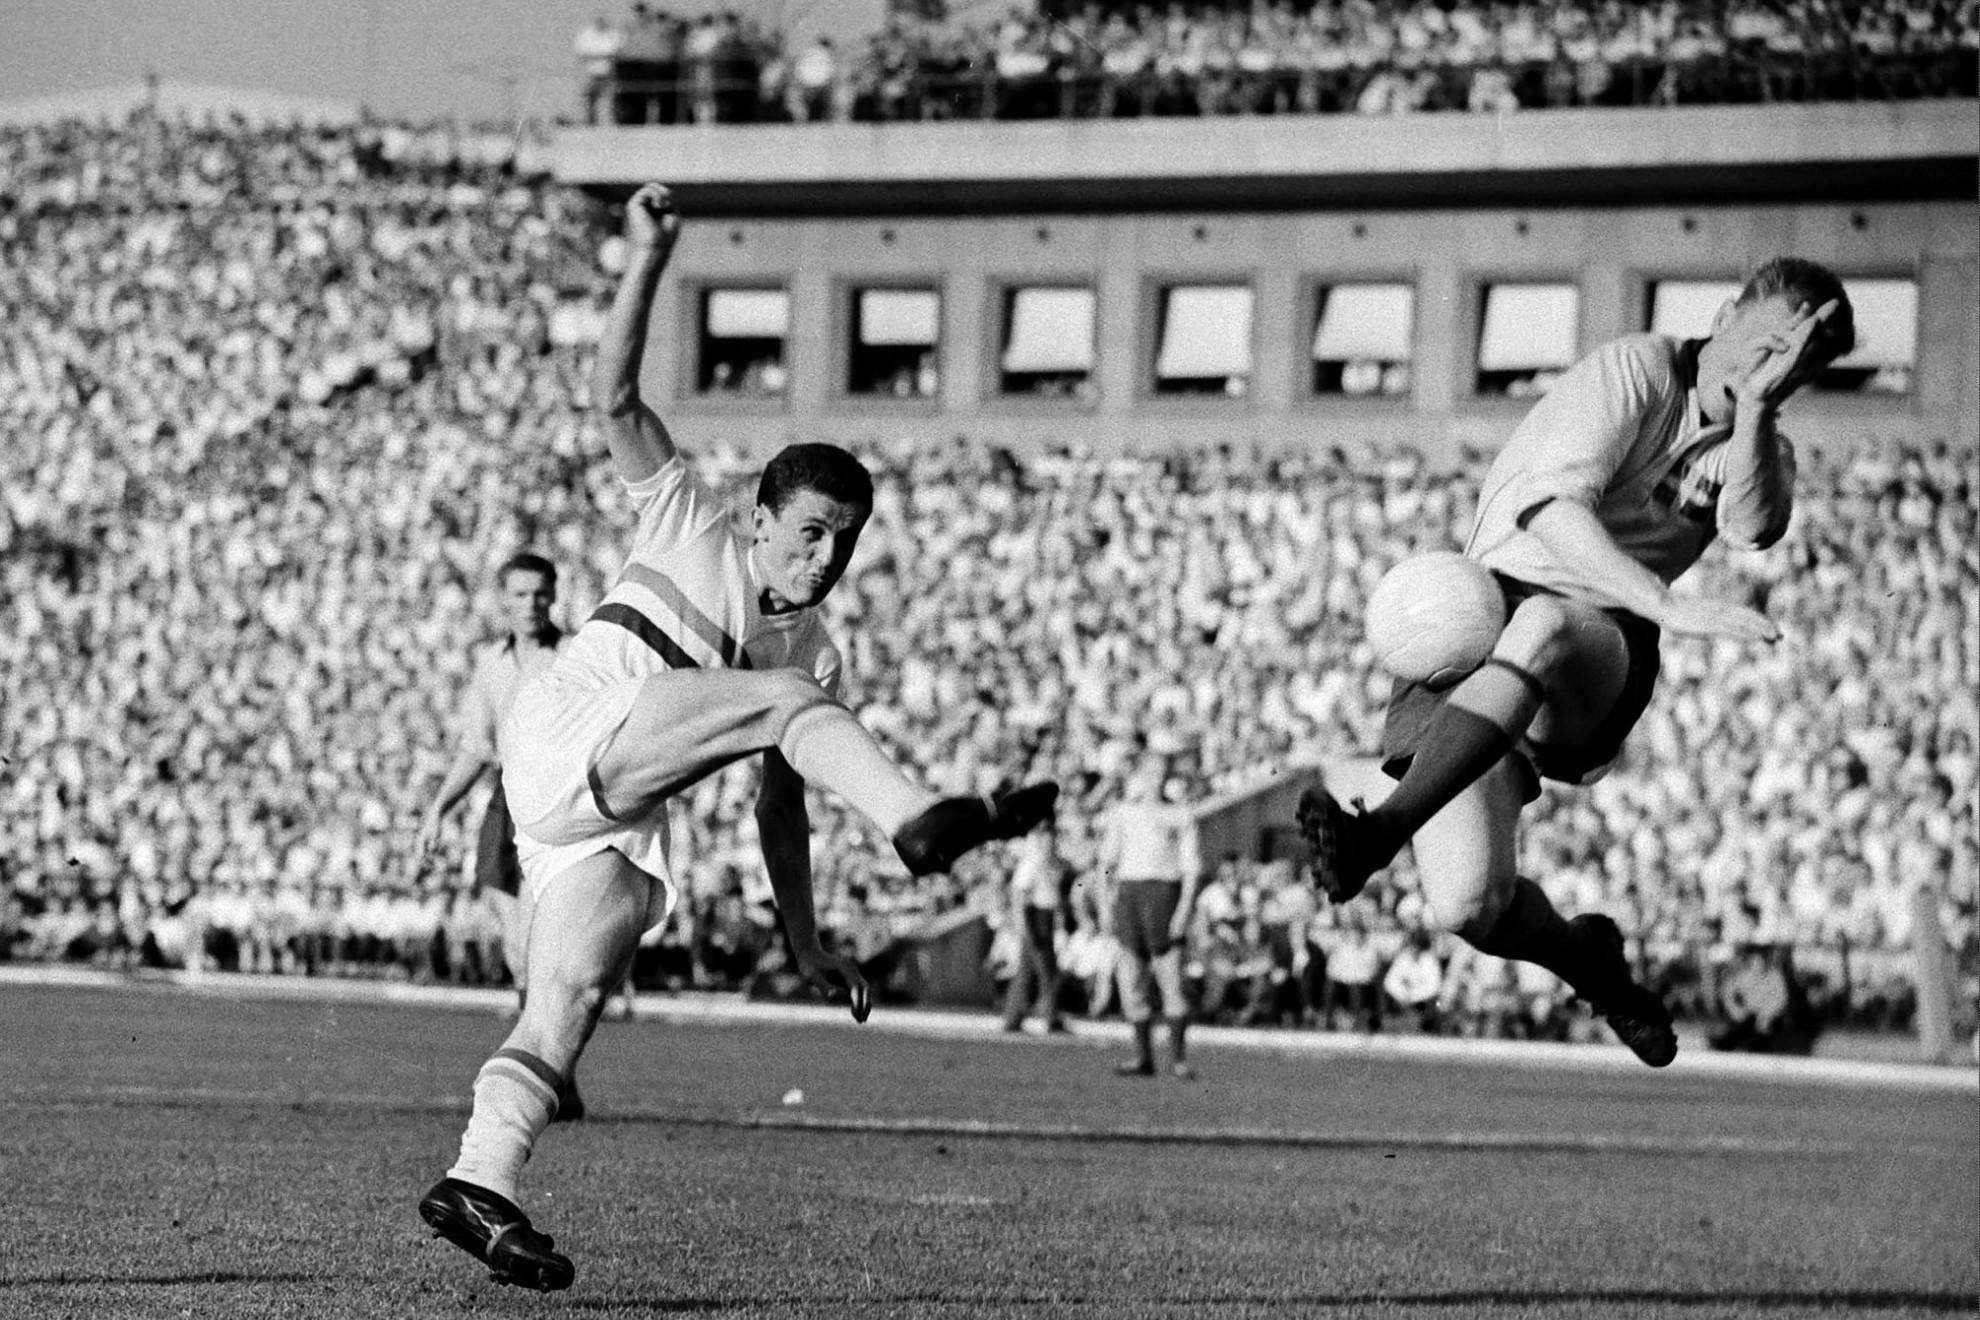 Egyik legjobb mérkőzését 1959-ben a vb-ezüstérmes svédek ellen játszotta. Jellegzetesen kicsavart testtartással lő kapura